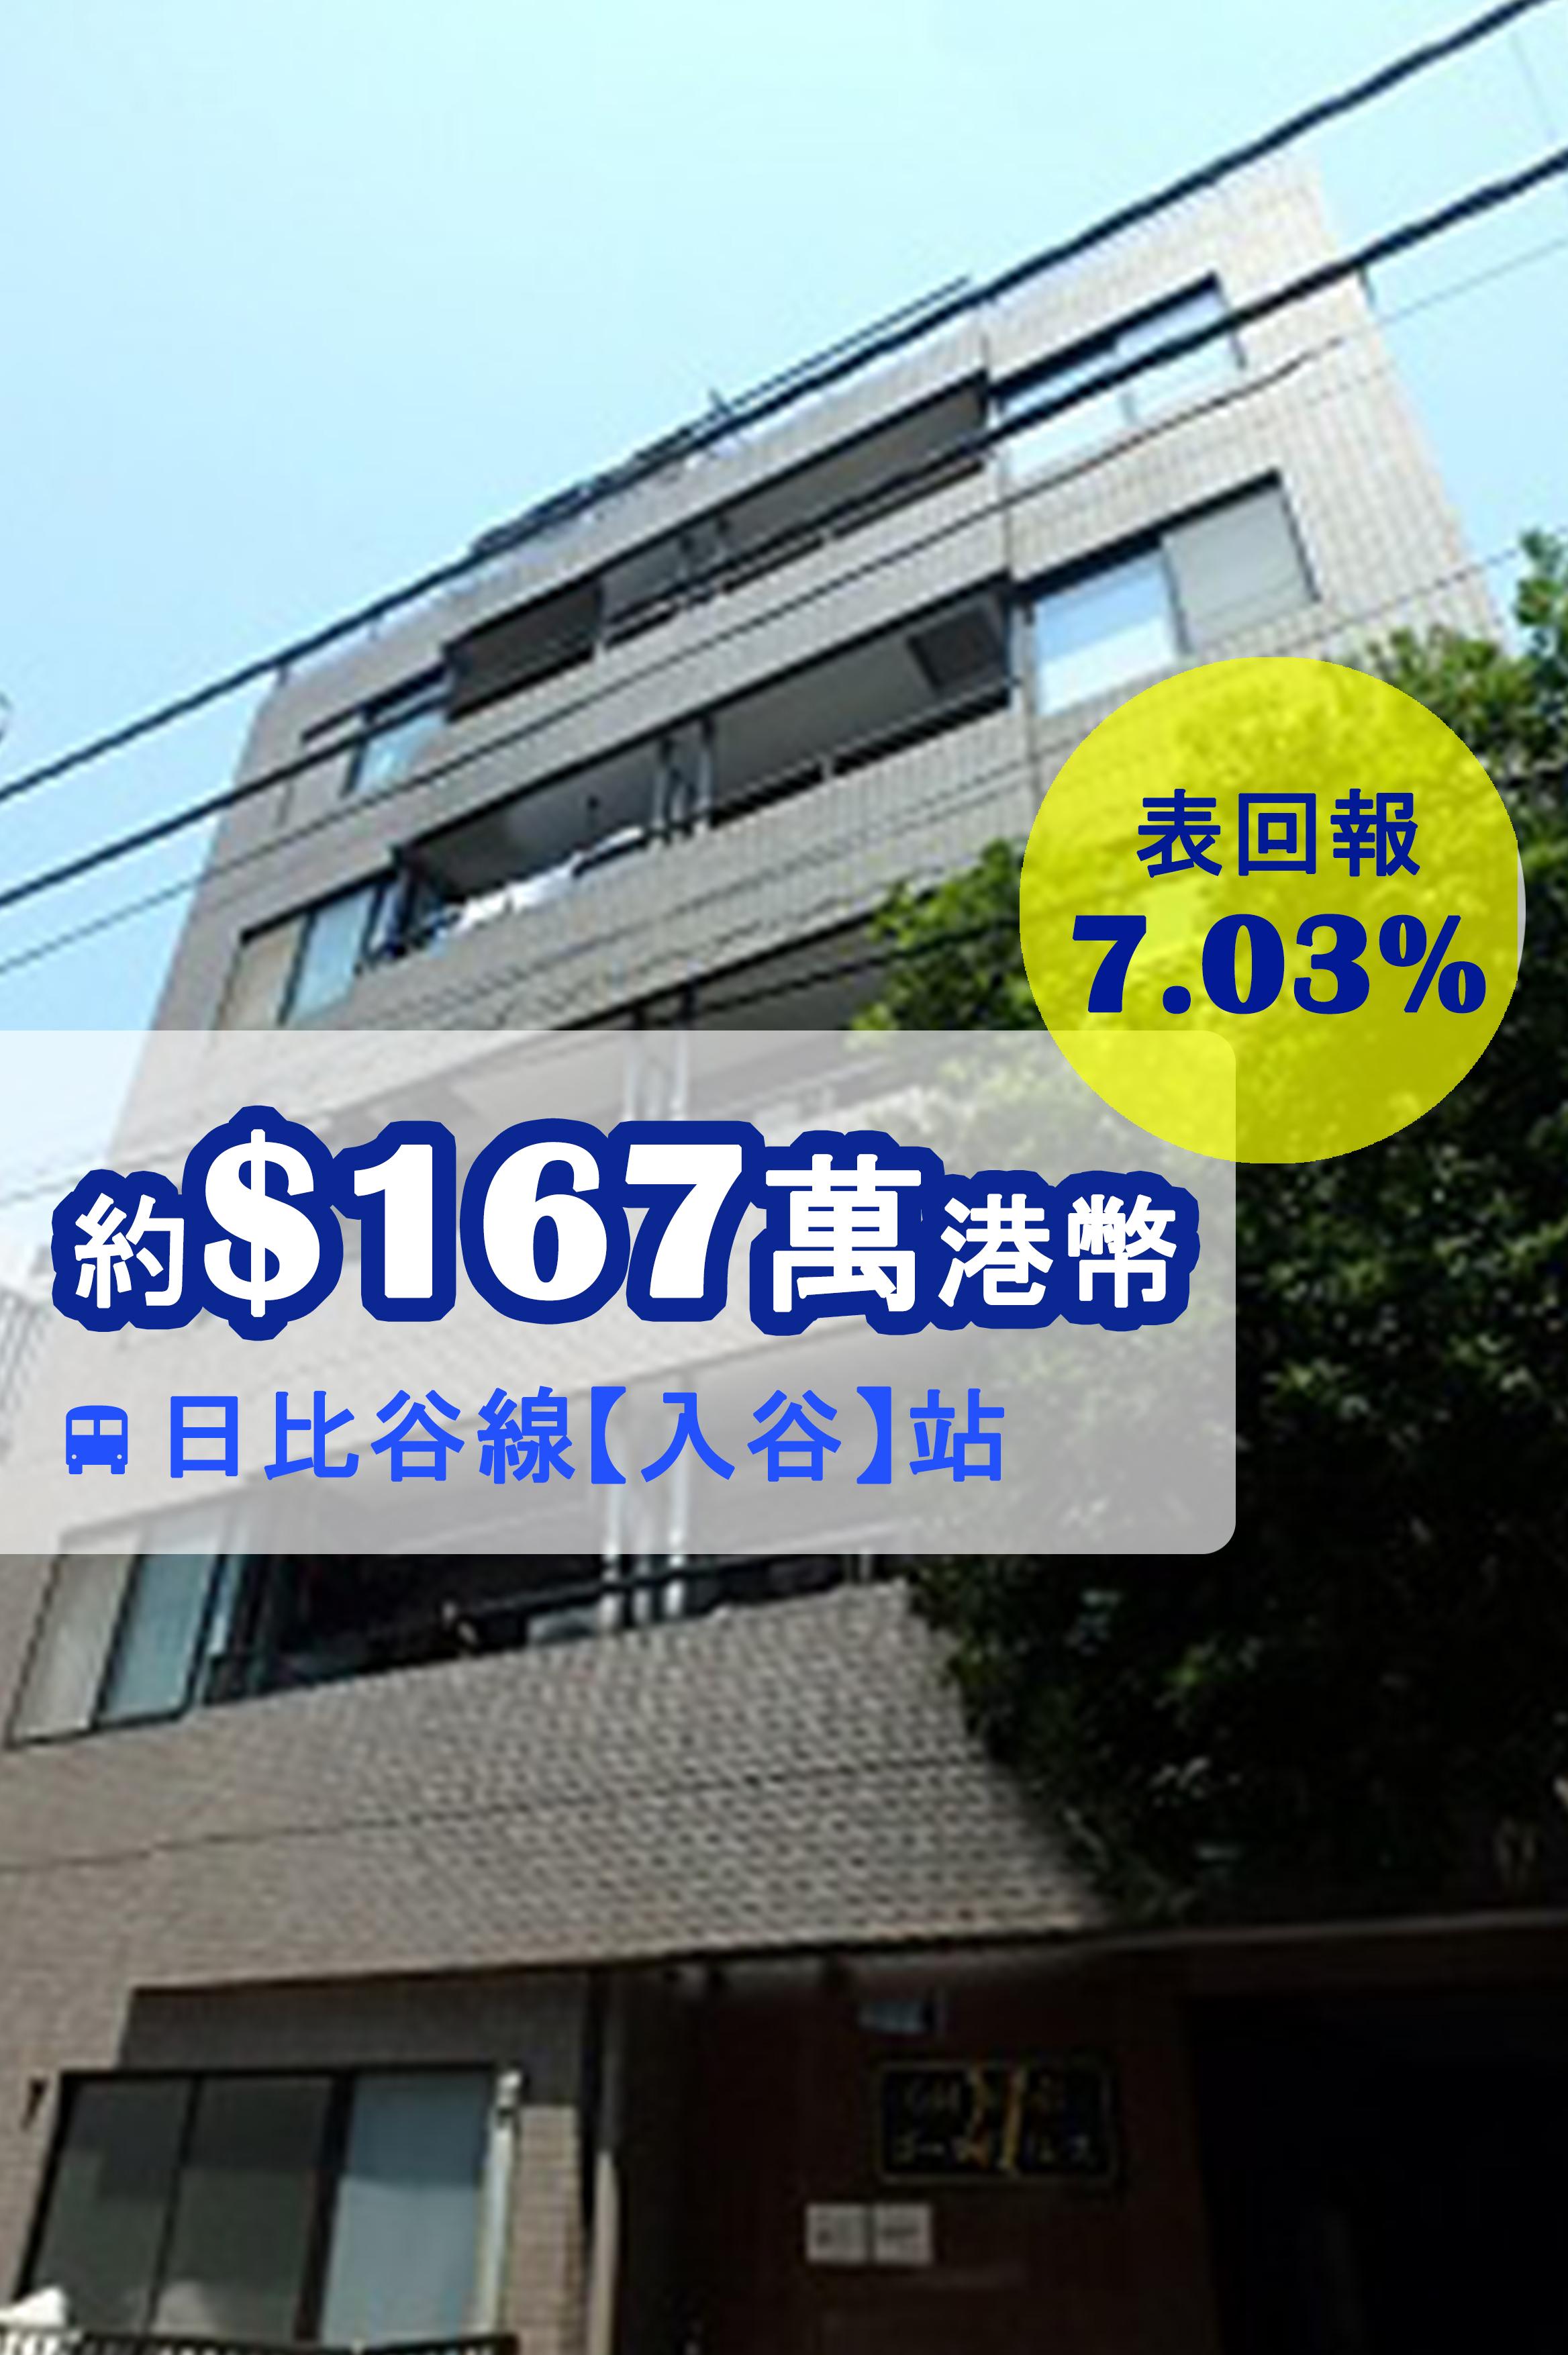 東京都台東区入谷2-5-1